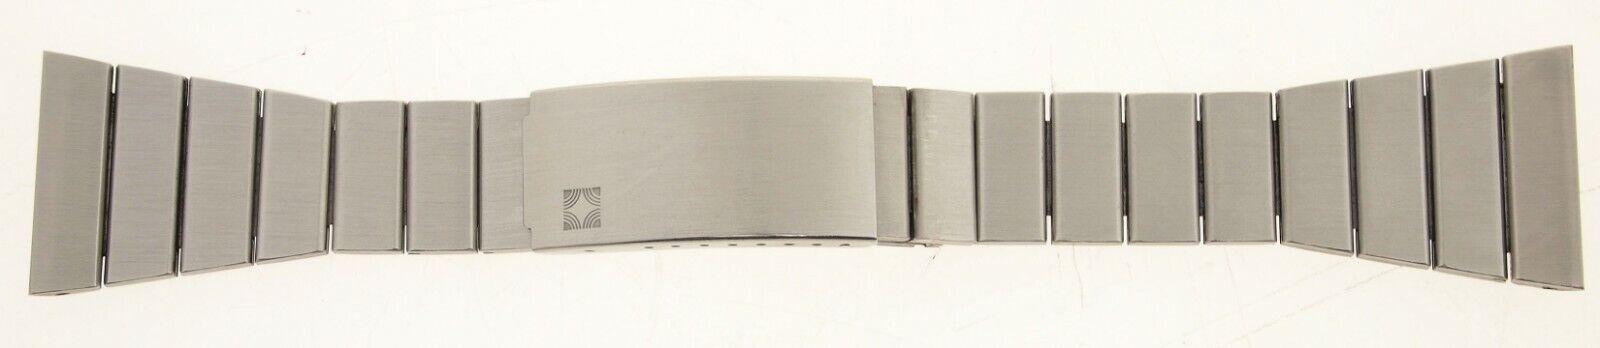 Zenith Edelstahl Armband m Faltschließe - 25mm - u.a. El Primero 1960er / 1970er